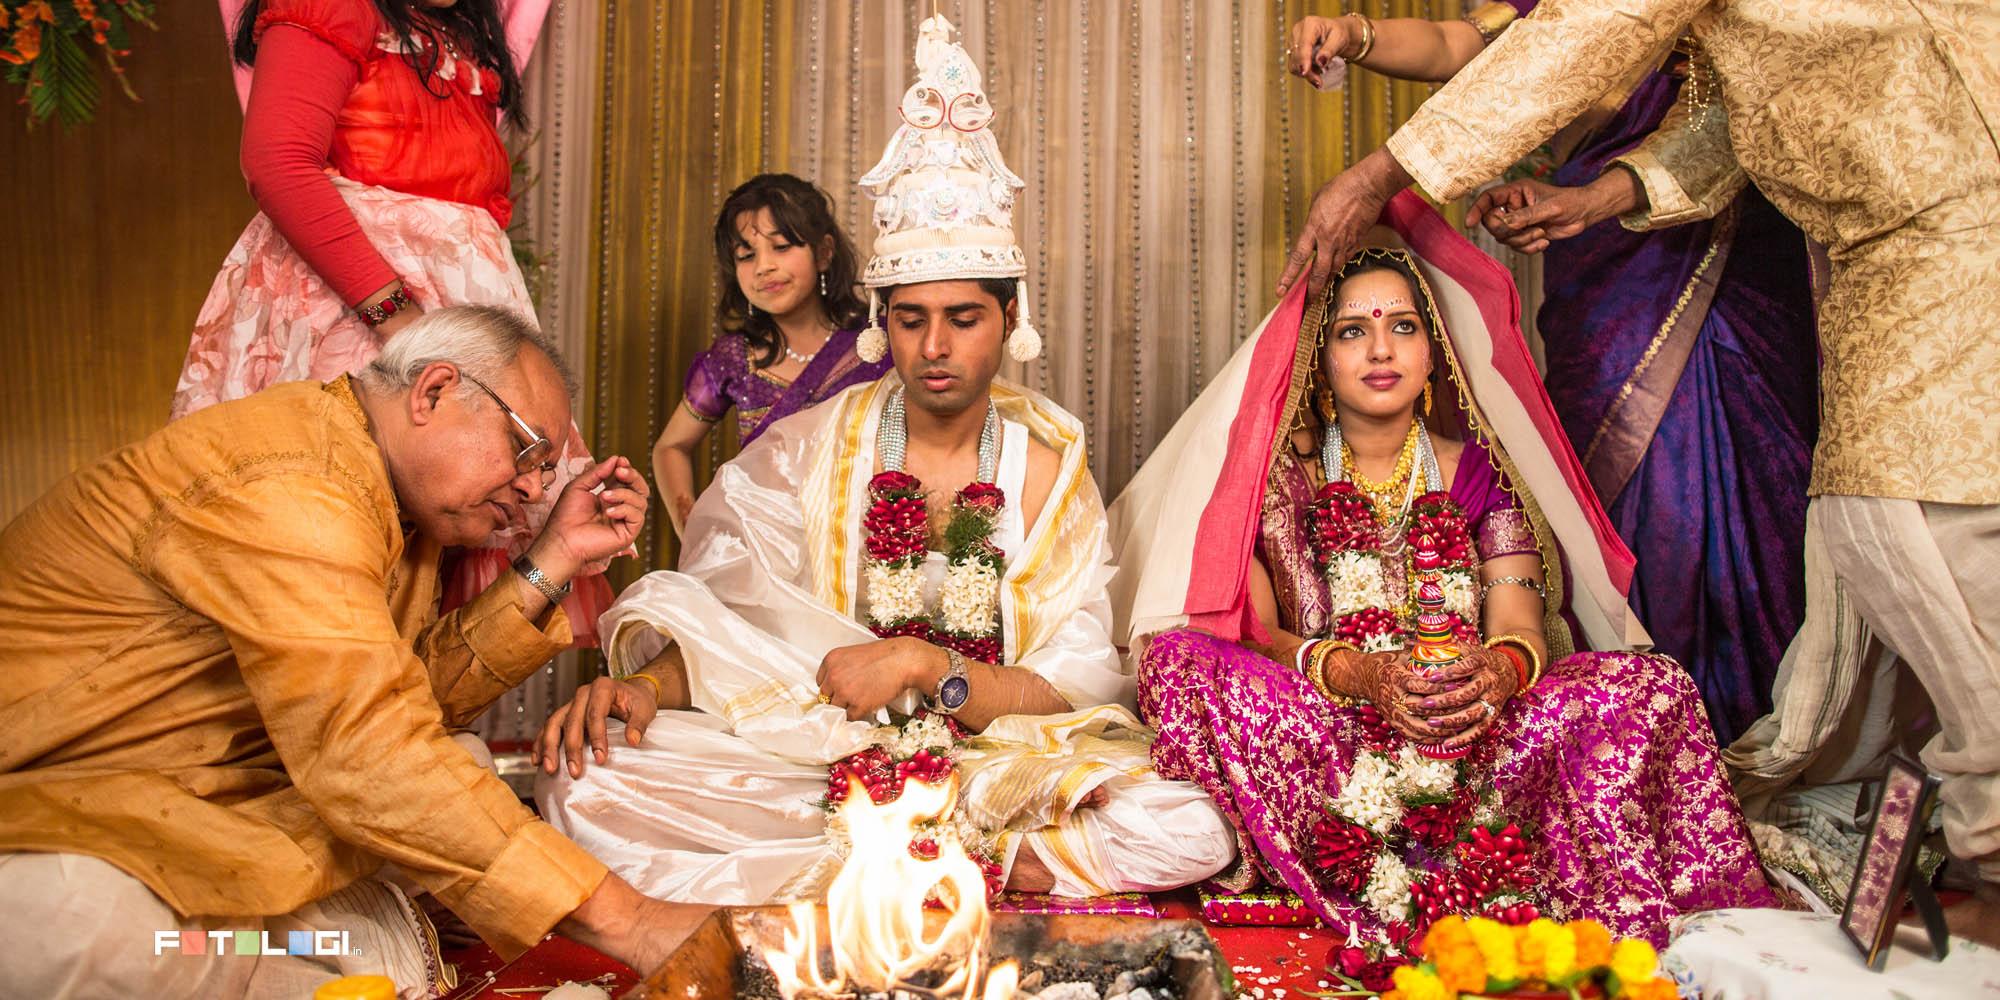 Bengali Wedding Roni Sreoshy FotoLigi Fotolog Photographic India Royal William Lambelet 04